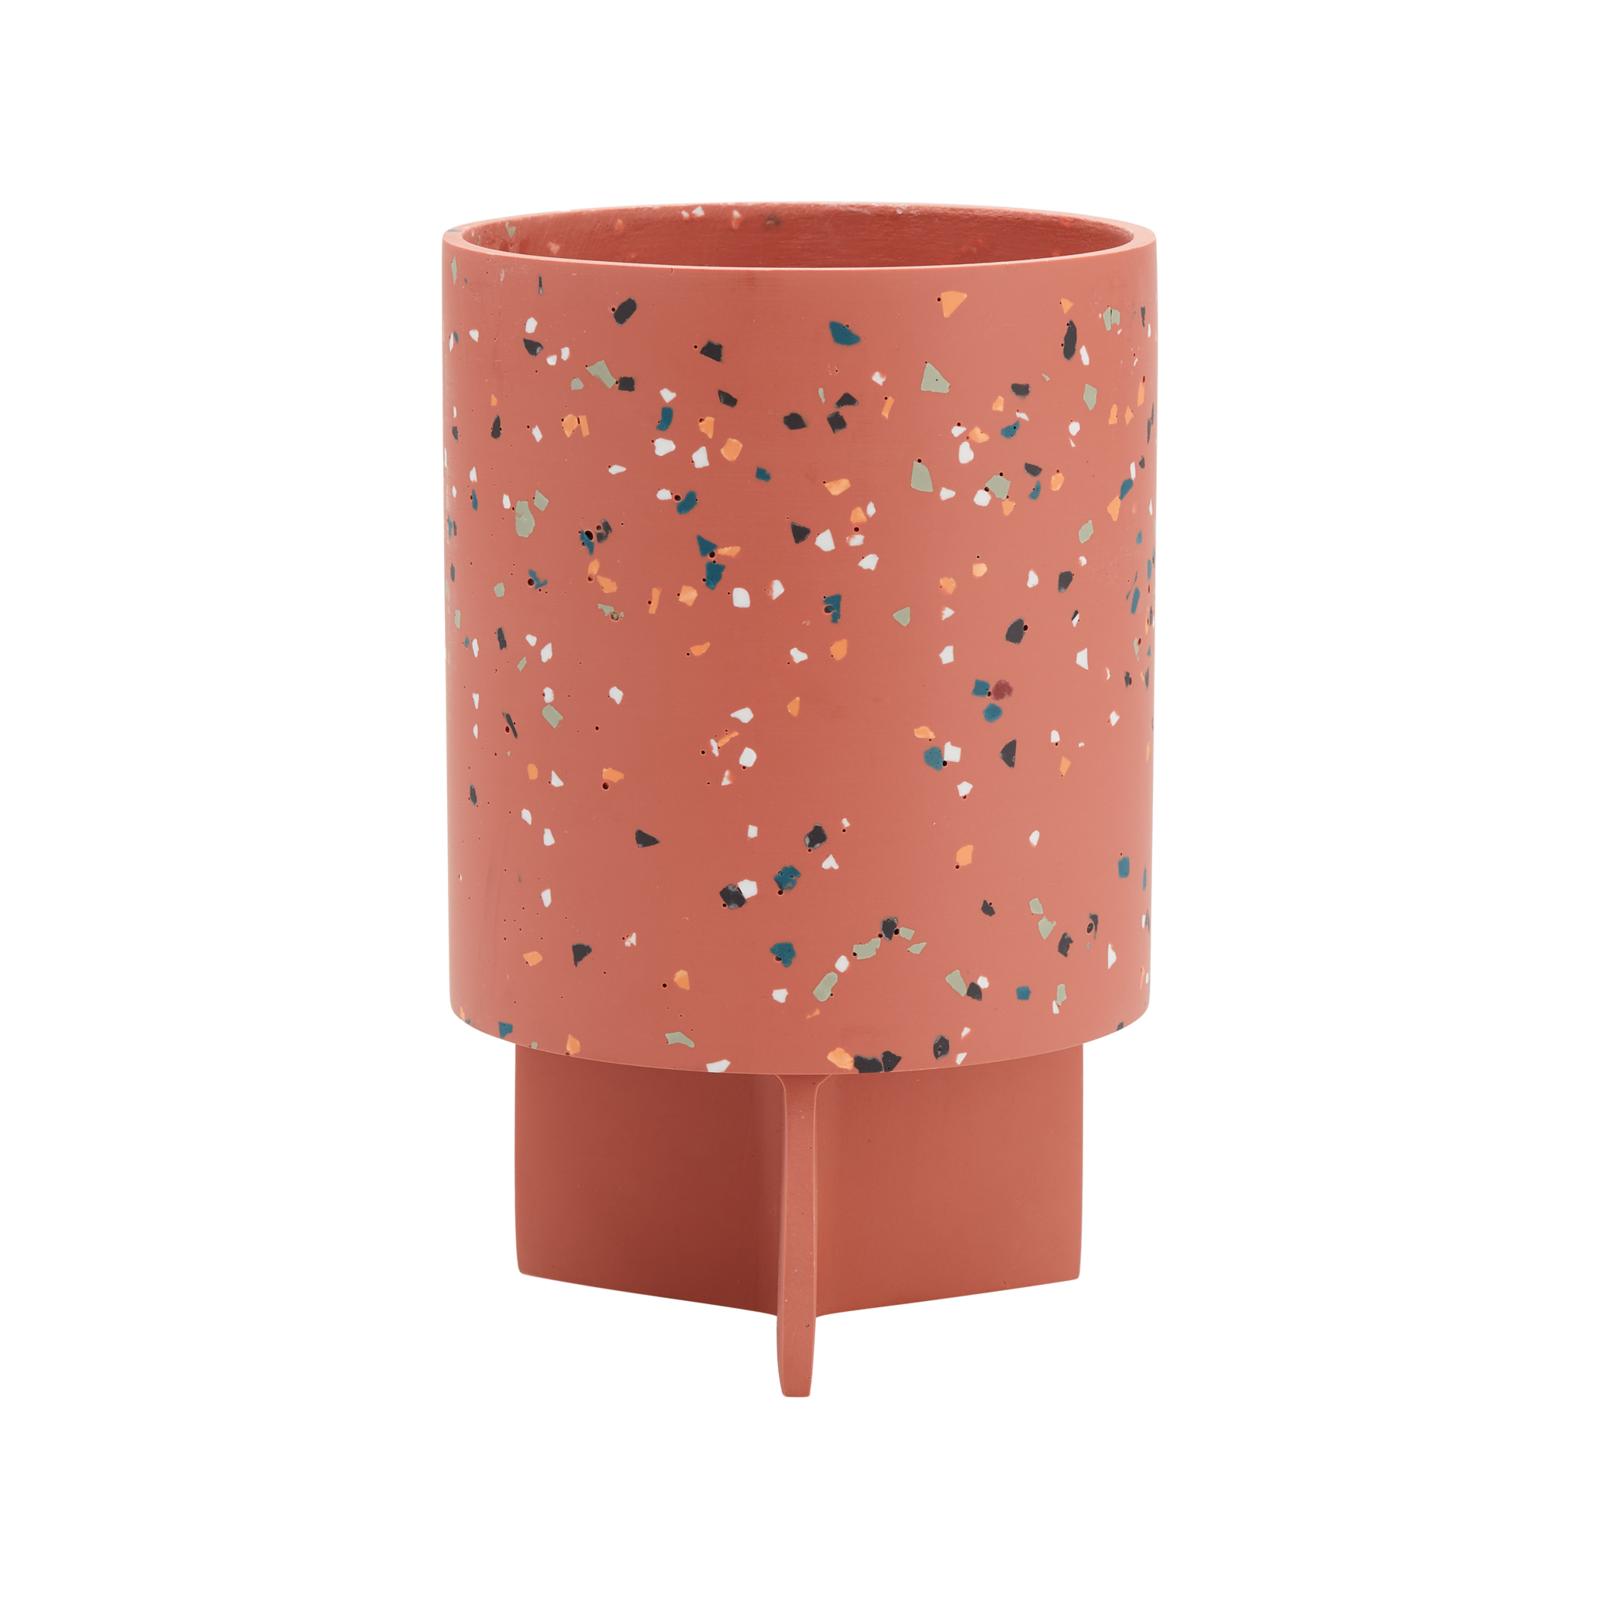 Capra 15 x 23.7cm Rose Terrazzo Resin Tri Stand Pot